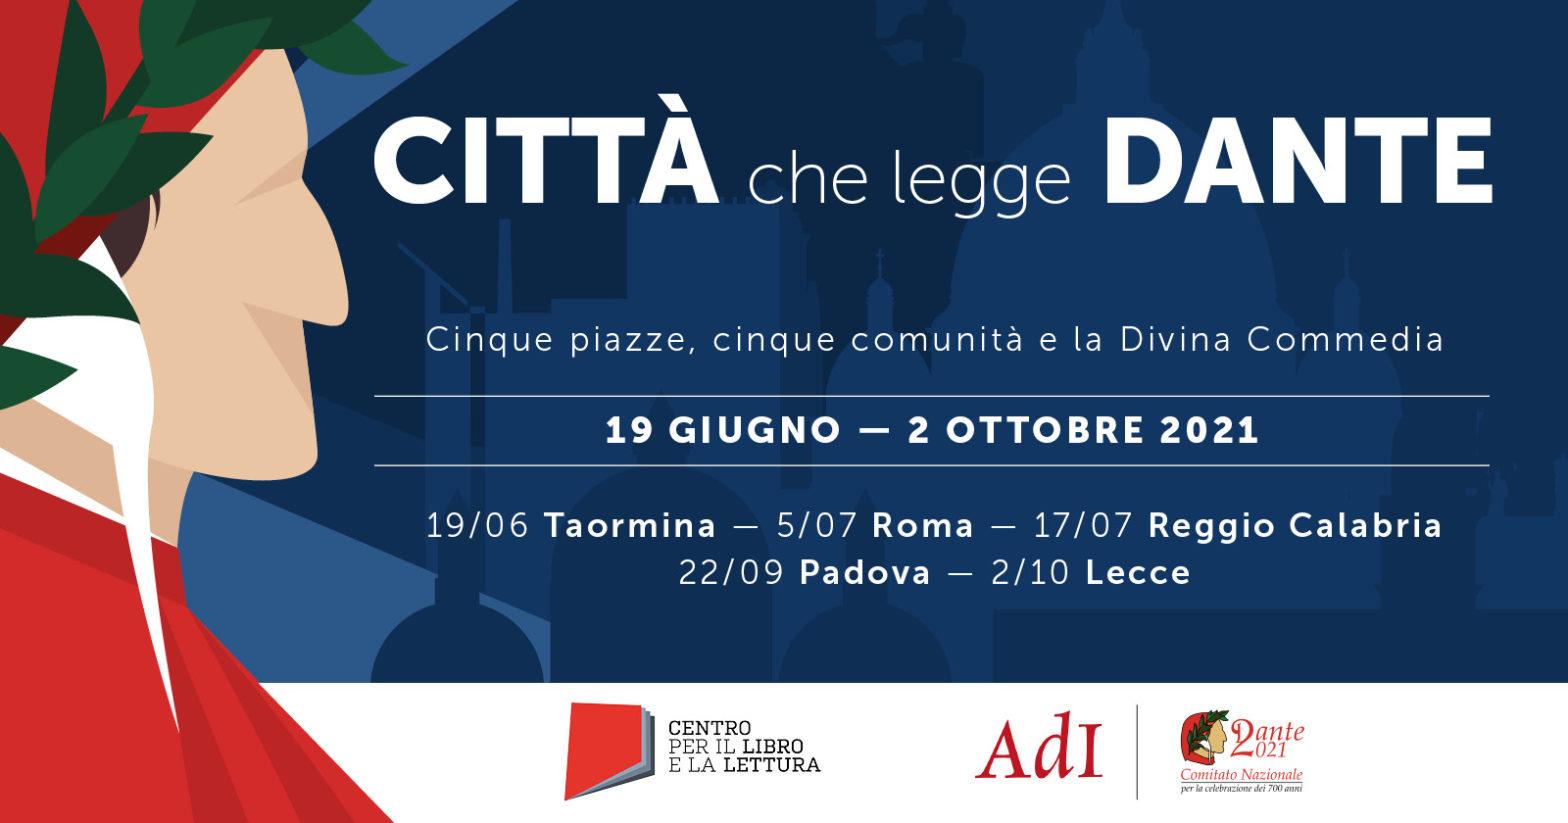 Città che legge Dante: cinque piazze, cinque comunità e la Divina Commedia